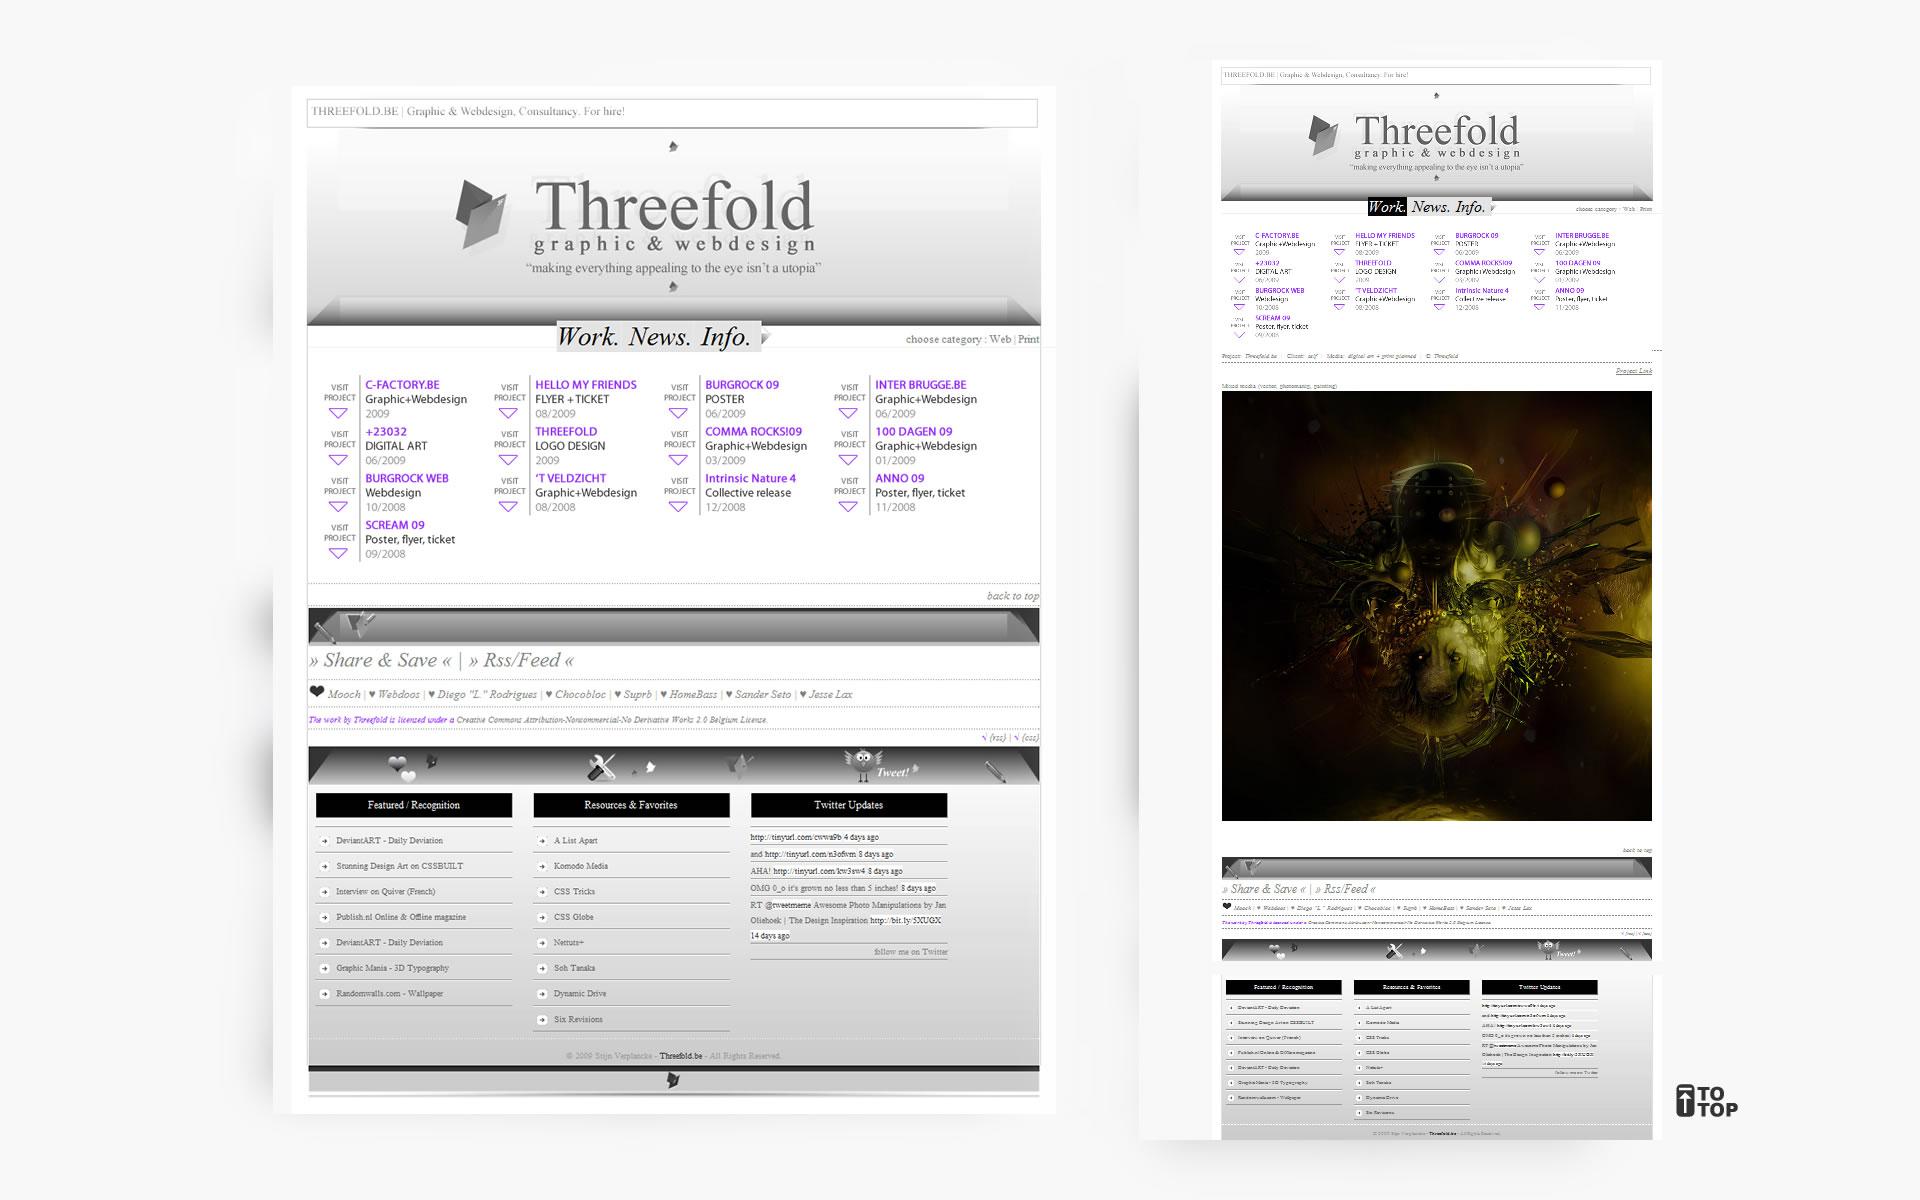 Threefold b3ta+ by Destin8x